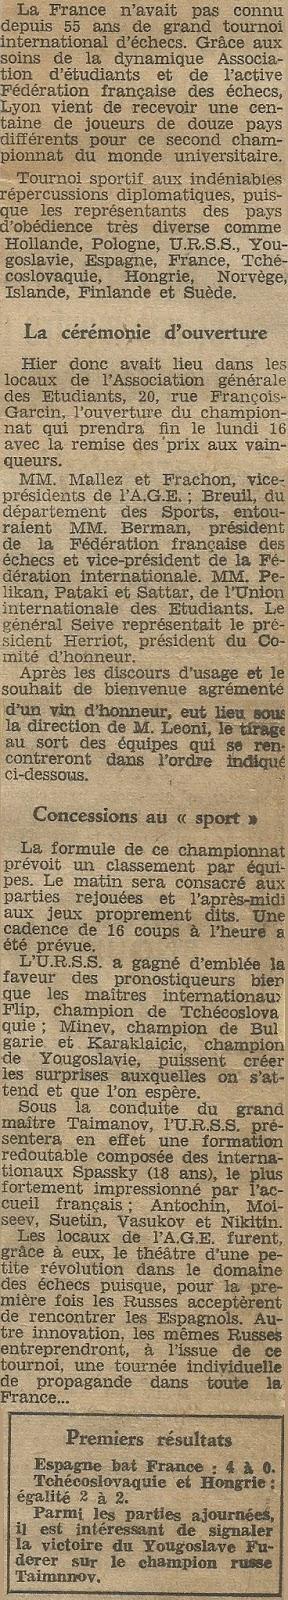 Recortes de la prensa francesa sobre el II Campeonato Mundial Universitario de Ajedrez Lyon 1955